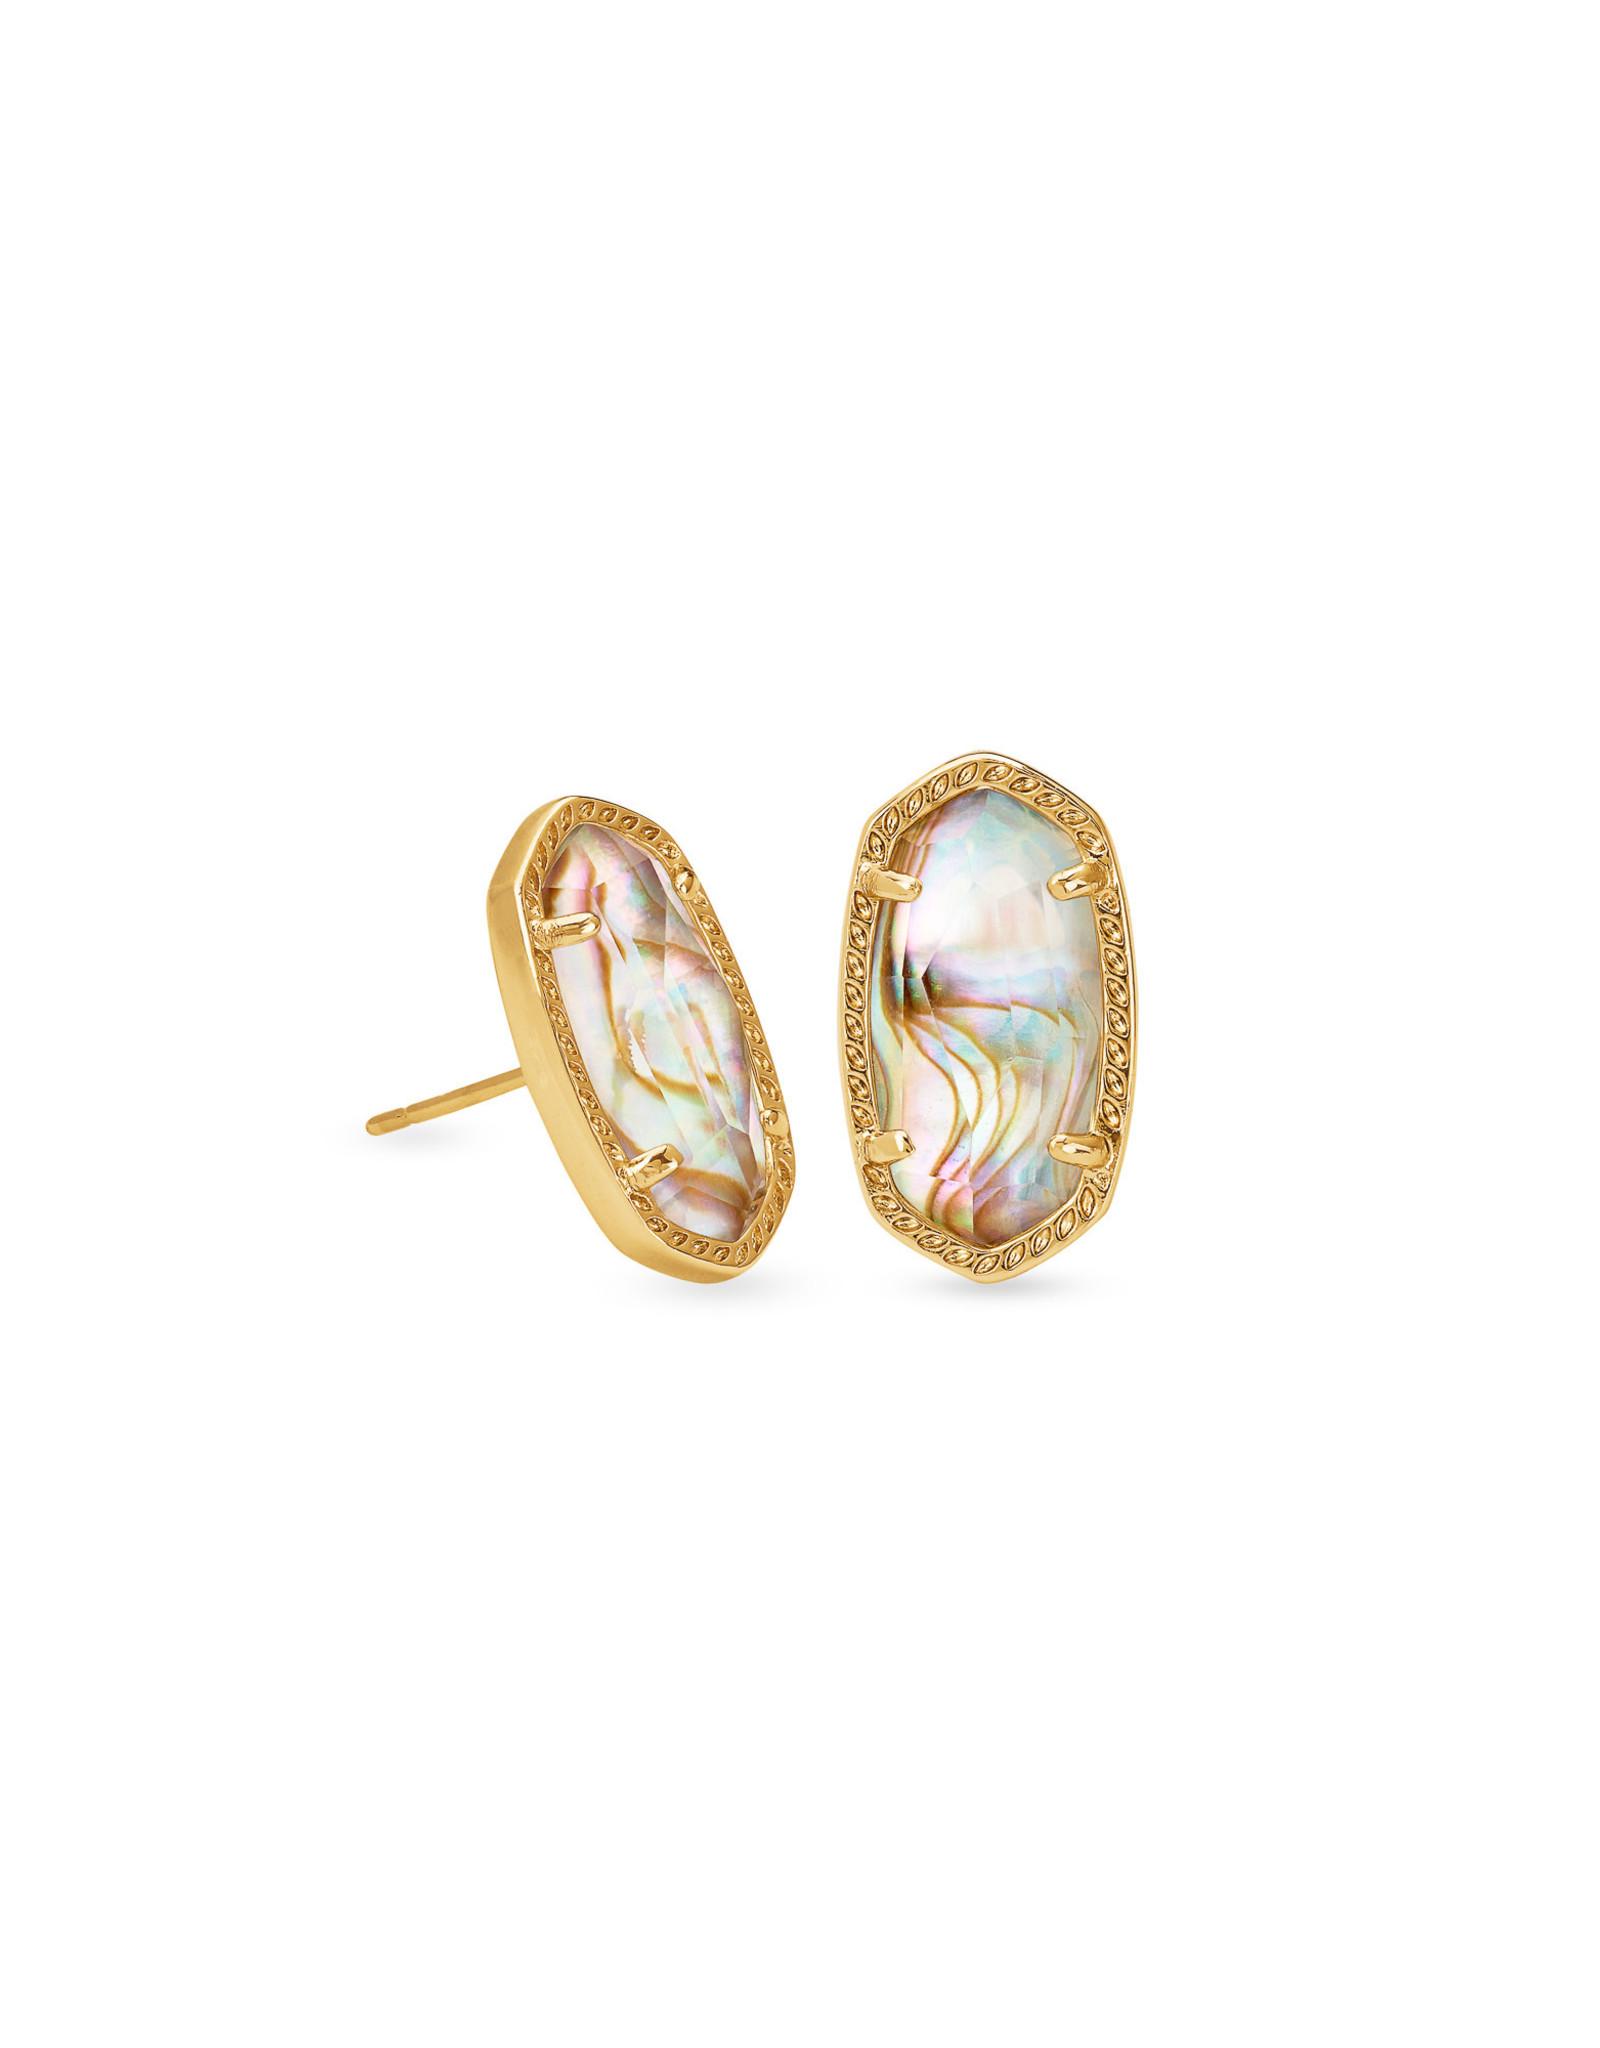 Kendra Scott Ellie Earring - White Abalone/Vintage Gold